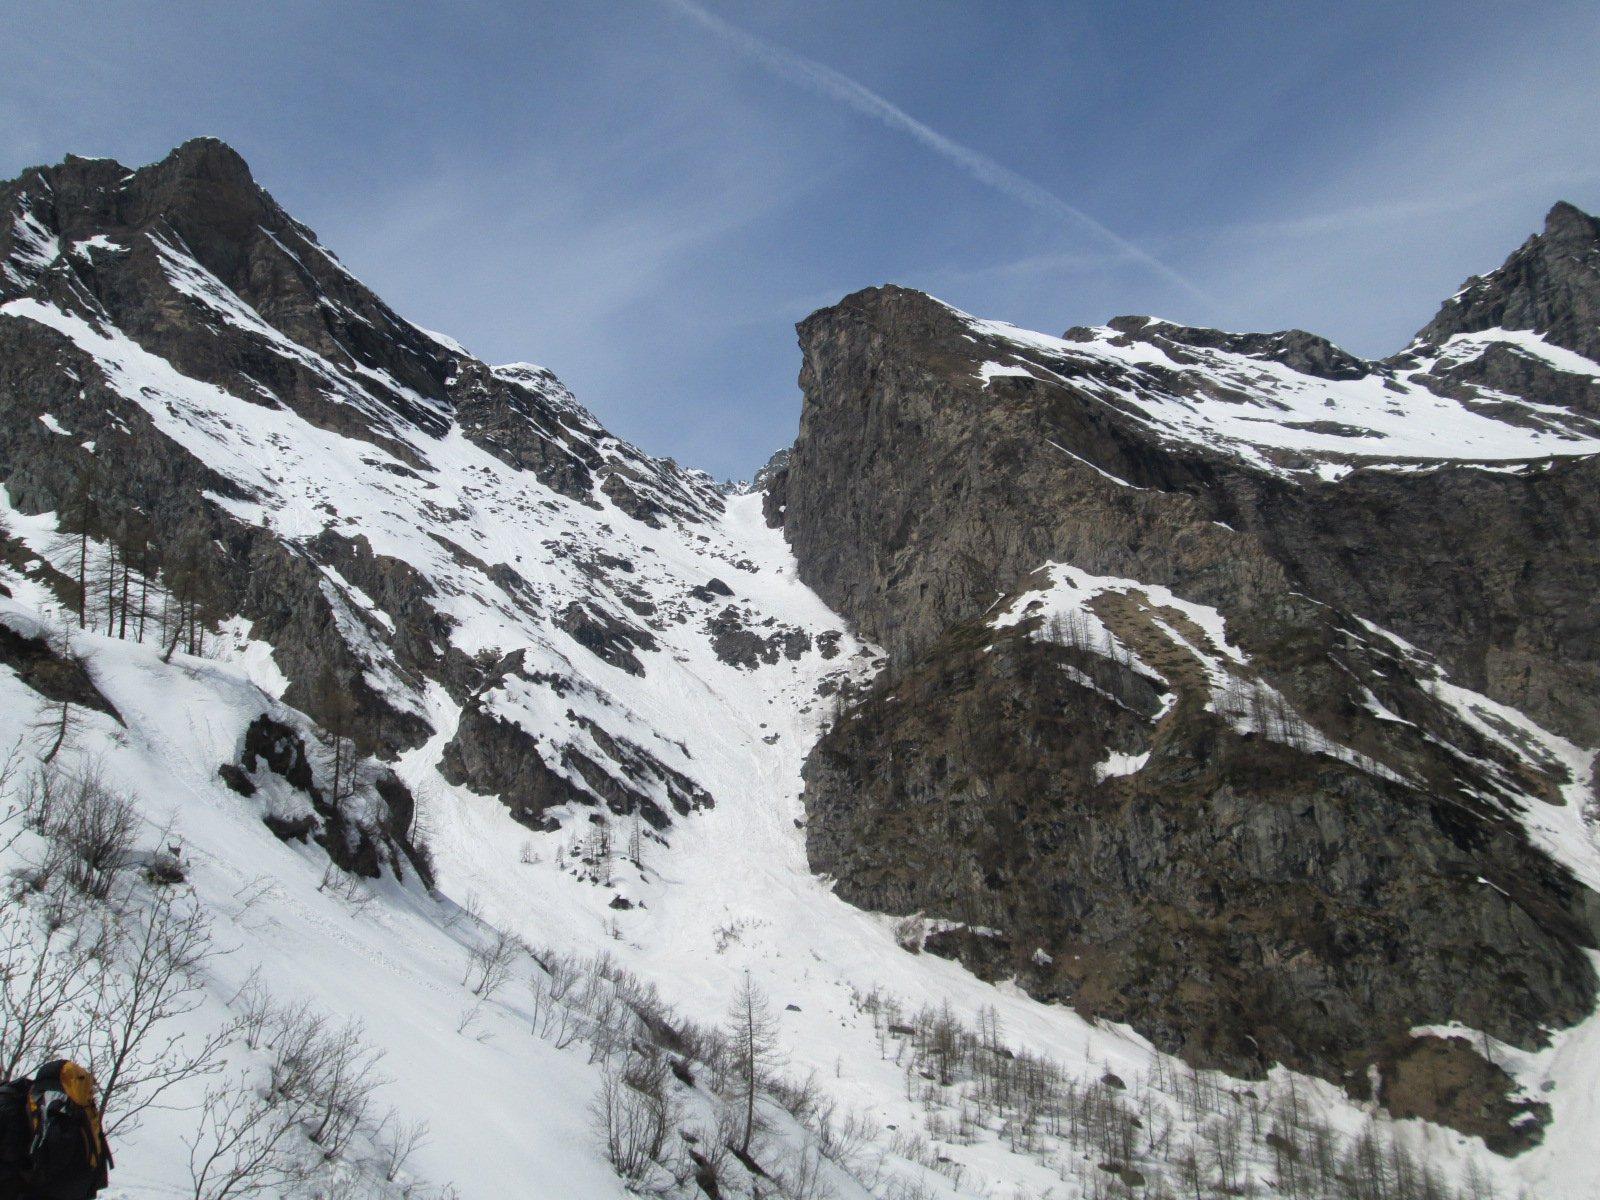 Mangioire (Passo dell) da Pian della Mussa, giro del Monte Bessanetto 2017-05-14